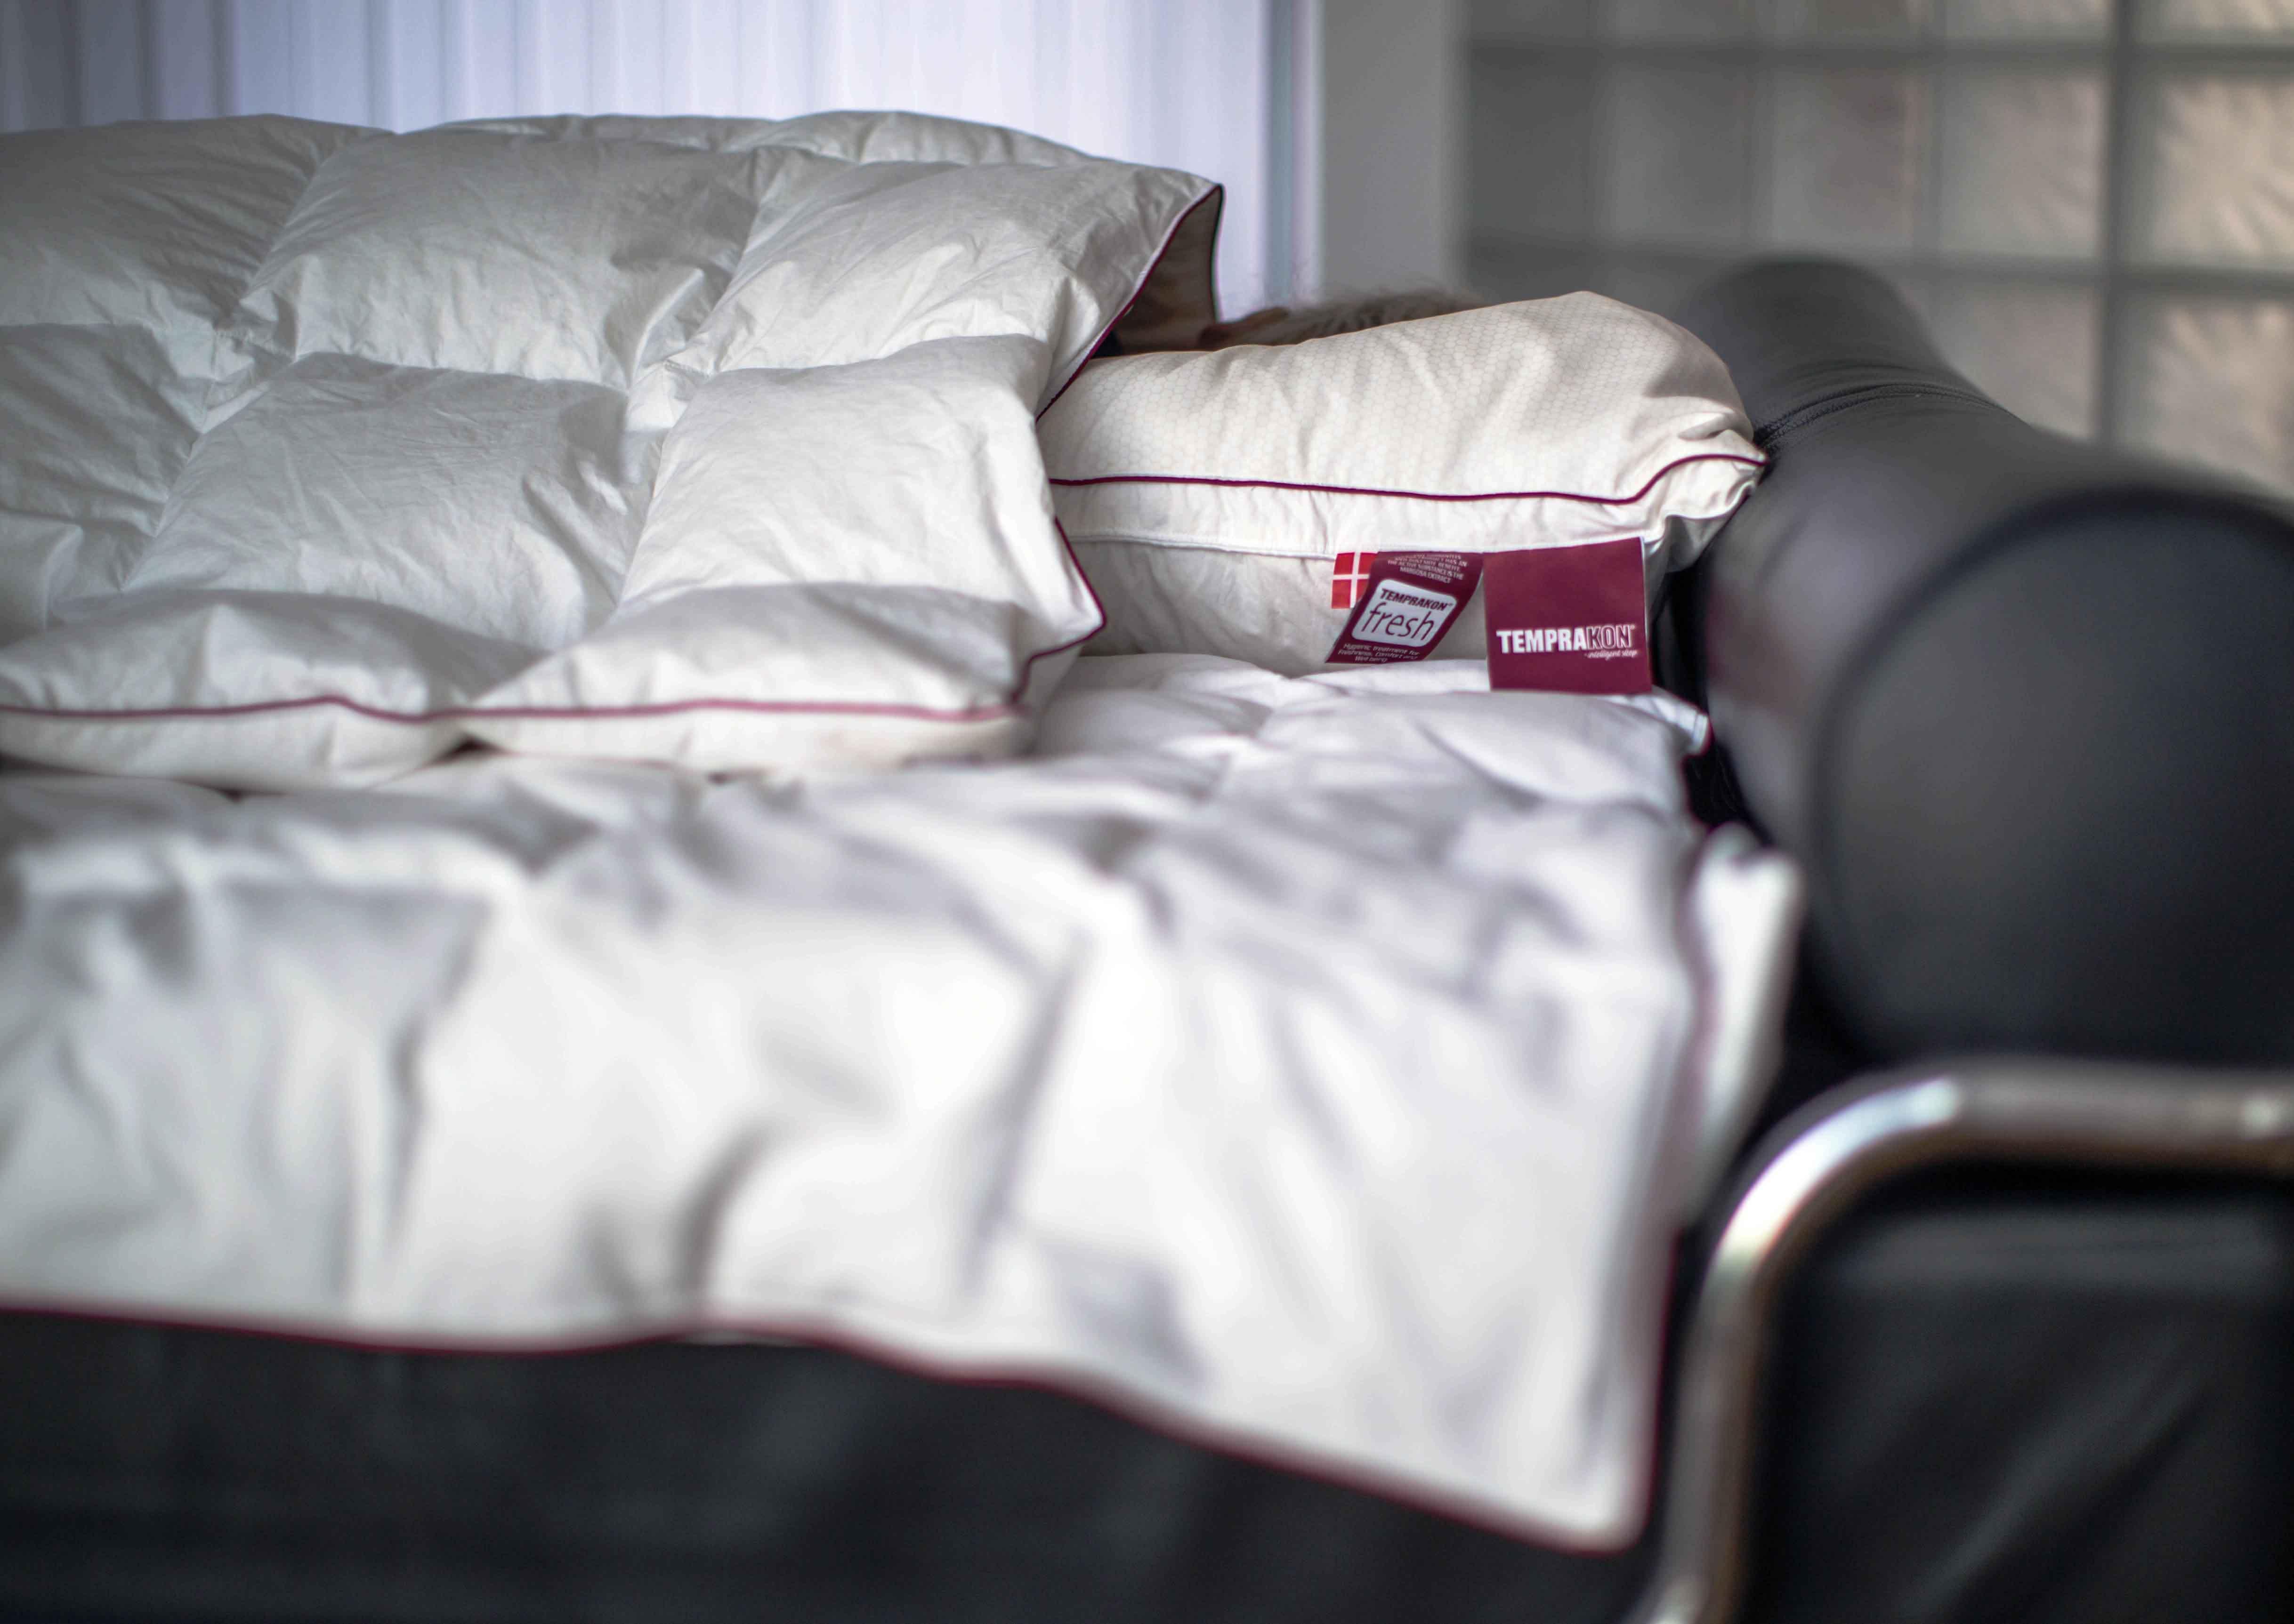 Superbly Rumteknologi soveudstyr og super søvn? Drømmer jeg eller er jeg VX19